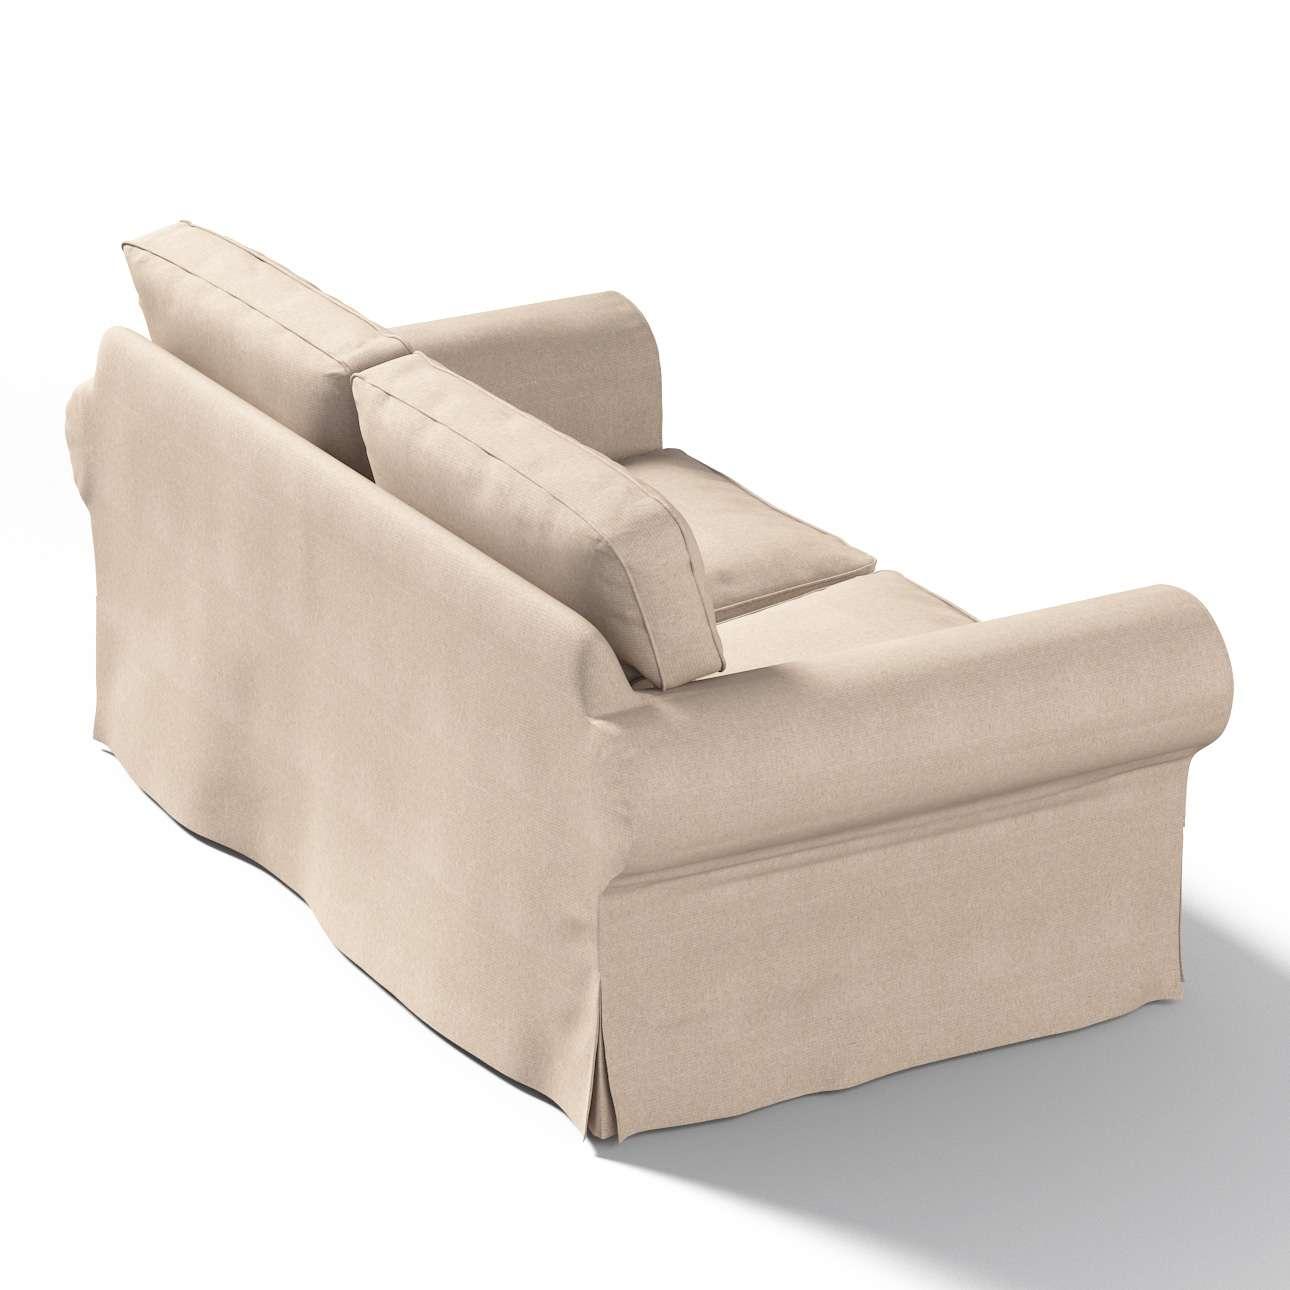 Pokrowiec na sofę Ektorp 2-osobową, nierozkładaną Sofa Ektorp 2-osobowa w kolekcji Etna , tkanina: 705-09